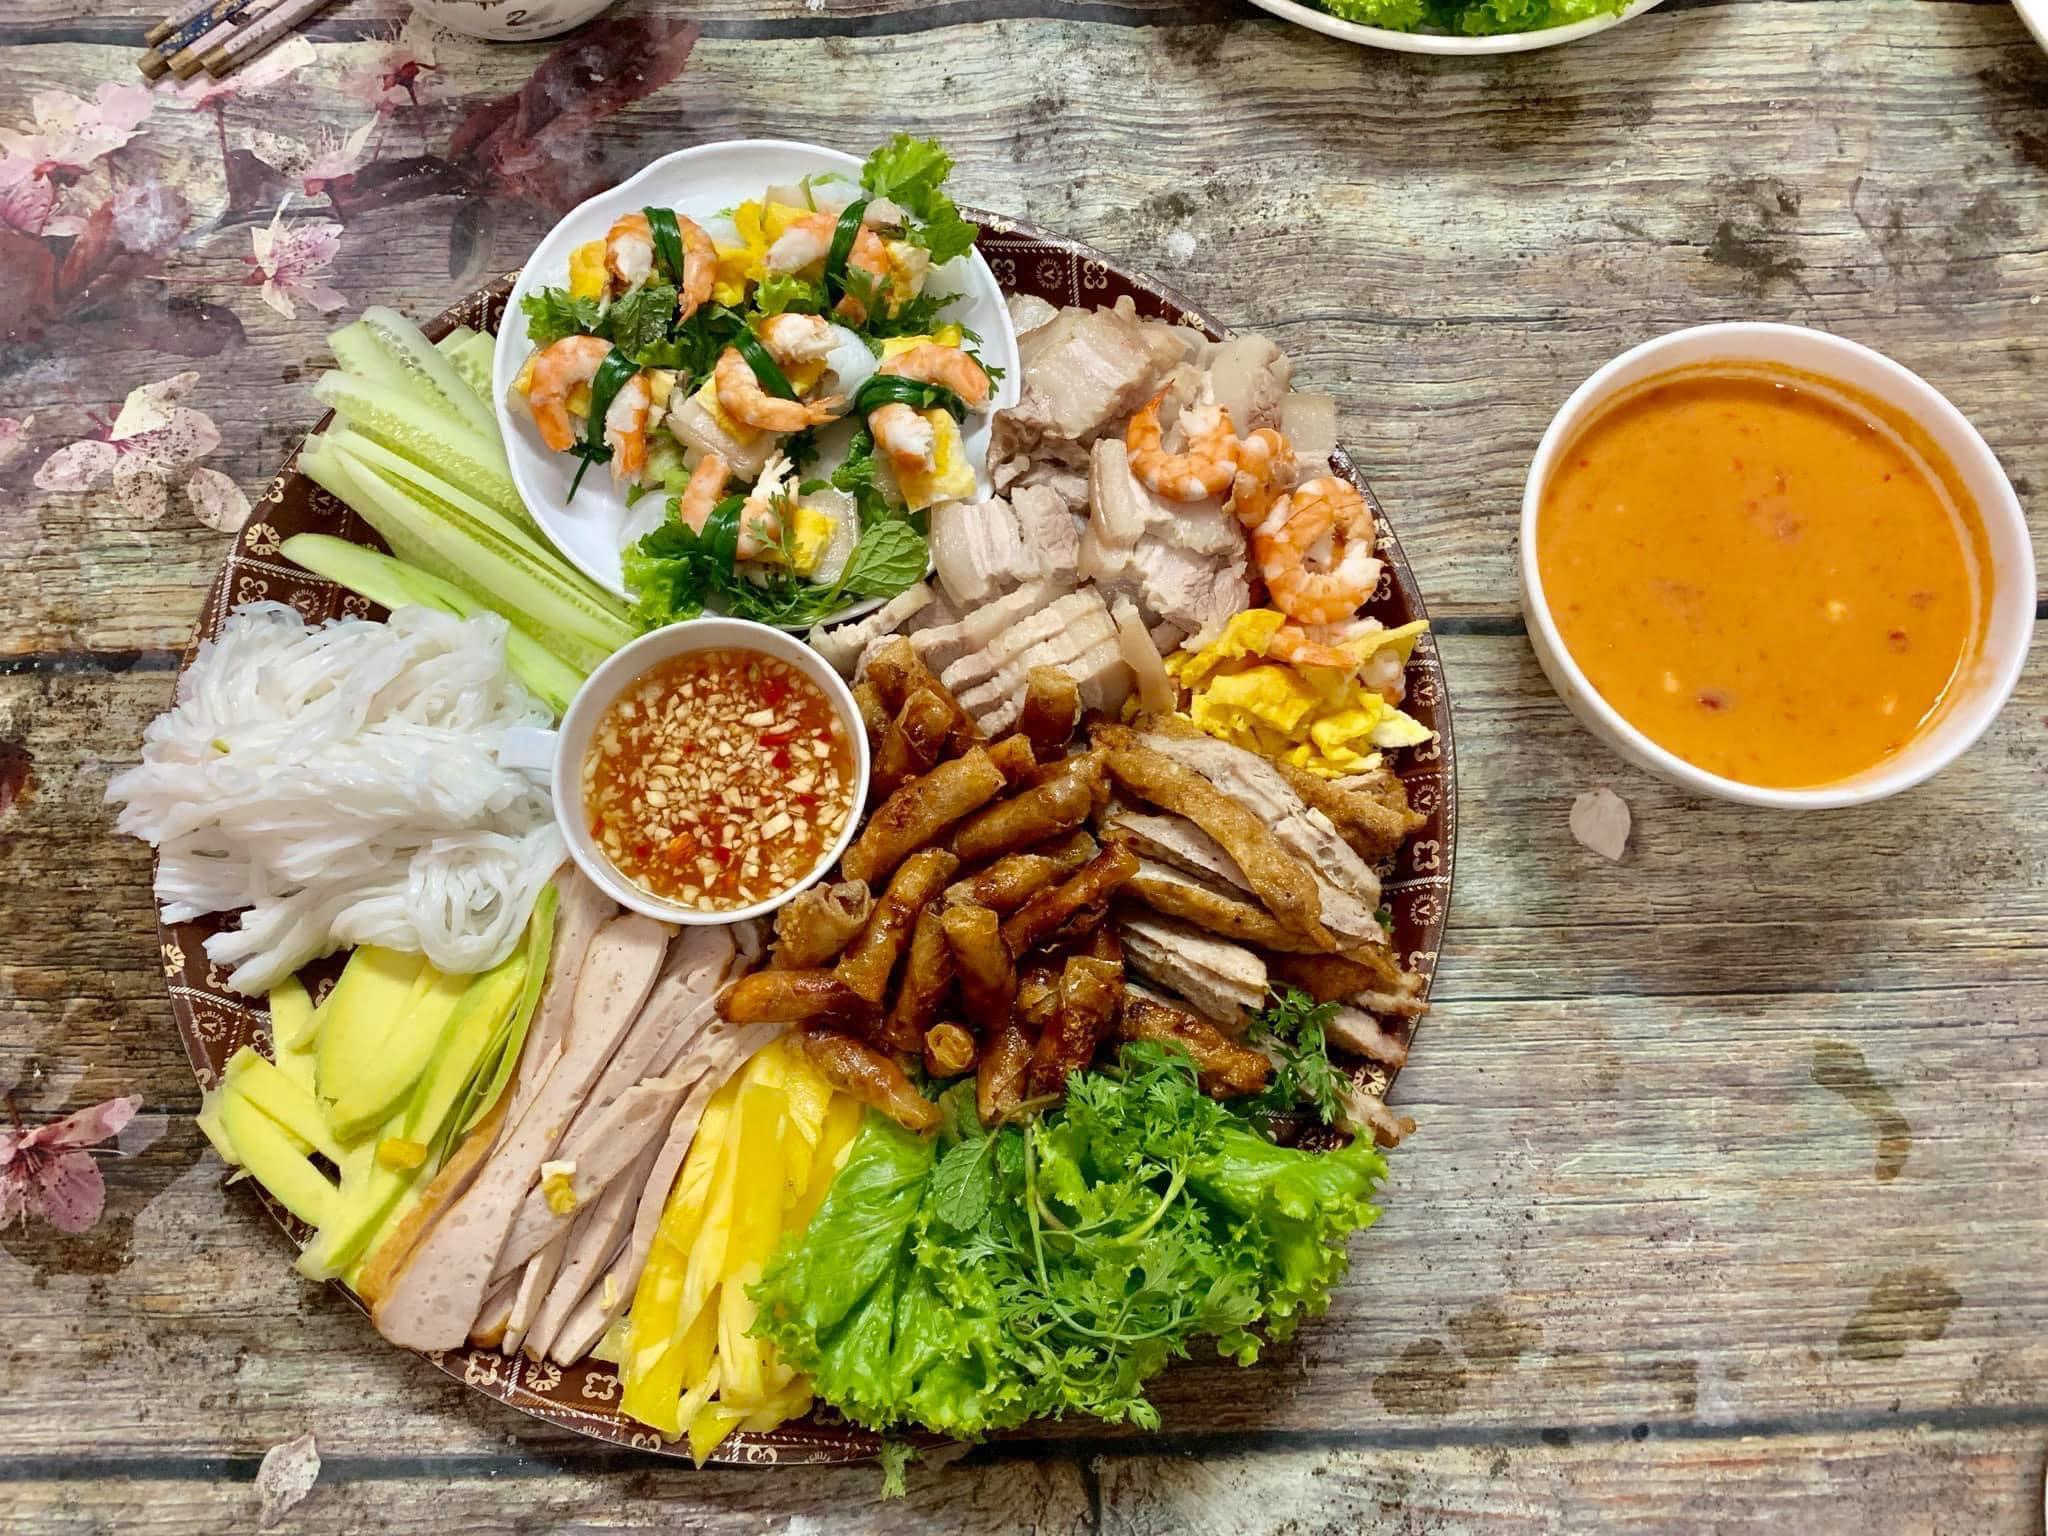 """Mâm cơm chỉ từ 120k của mẹ đơn thân Hà Nội khi coi """"Nấu ăn vì đam mê không phải là trách nhiệm"""" khiến ai nhìn cũng phải xuýt xoa - Ảnh 3."""